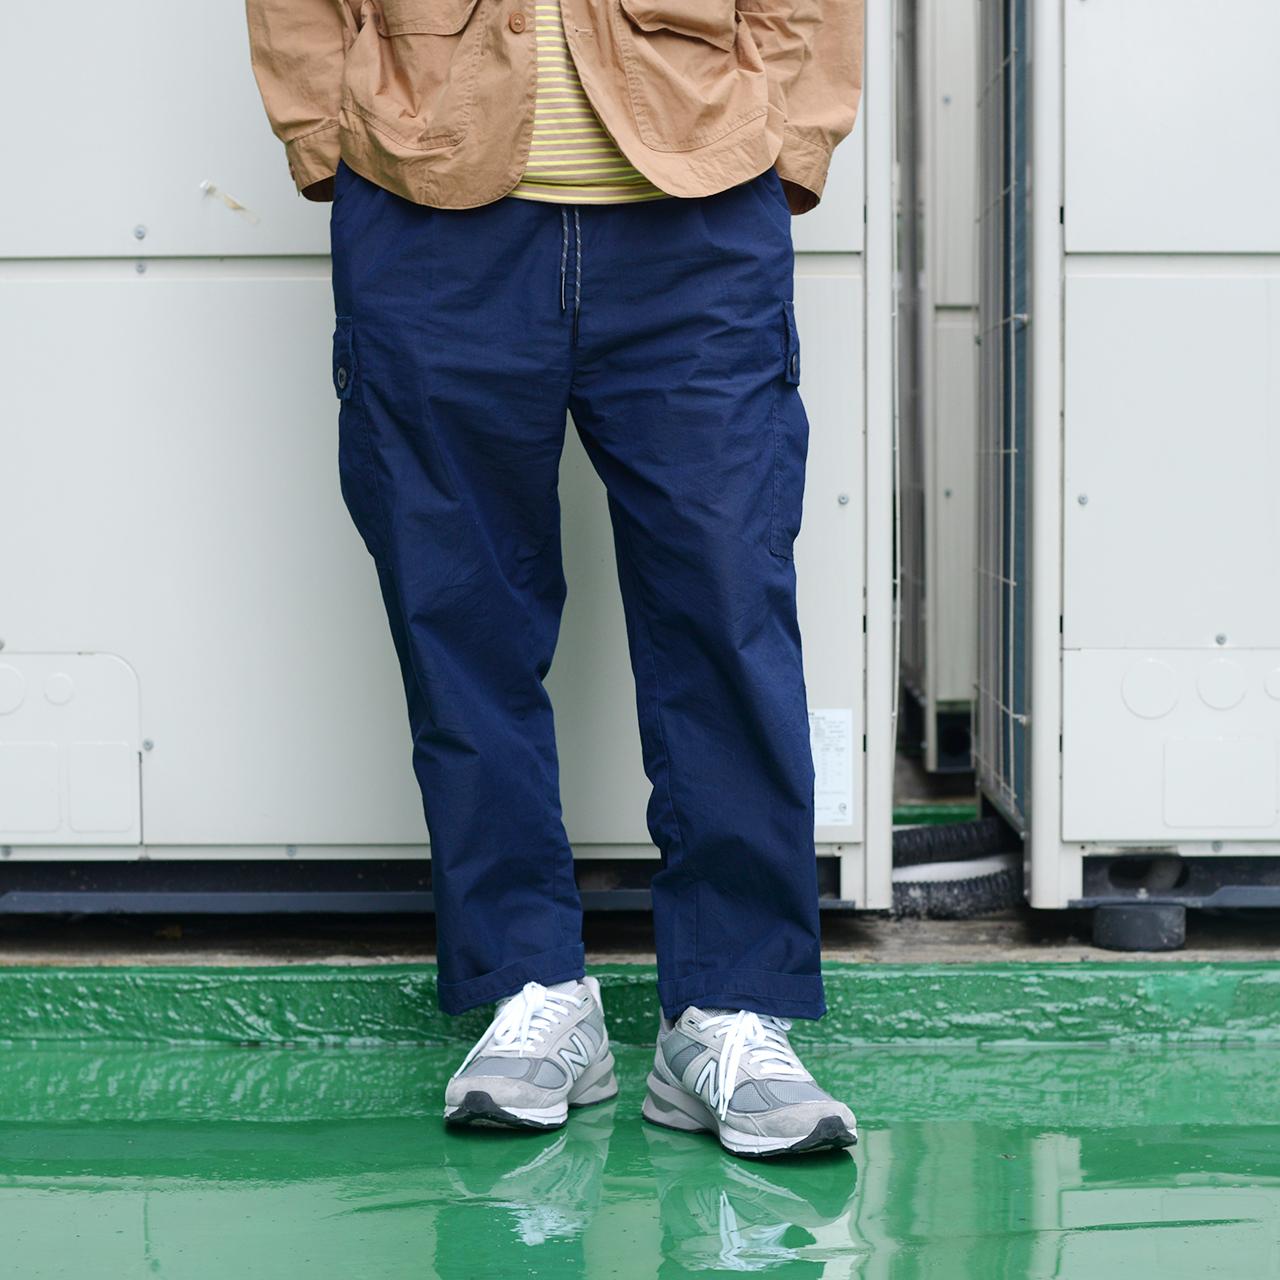 夏天穿搭,夏季穿搭,男生穿搭,街頭,西裝,休閒搭配,akko,akko 褲,一週搭配,街頭搭配,搭配型人,街頭型人,皮鞋,成套,AKKO褲,微寬褲,COP3563,1616 easy 長褲,New Balance M990v5,New Balance,